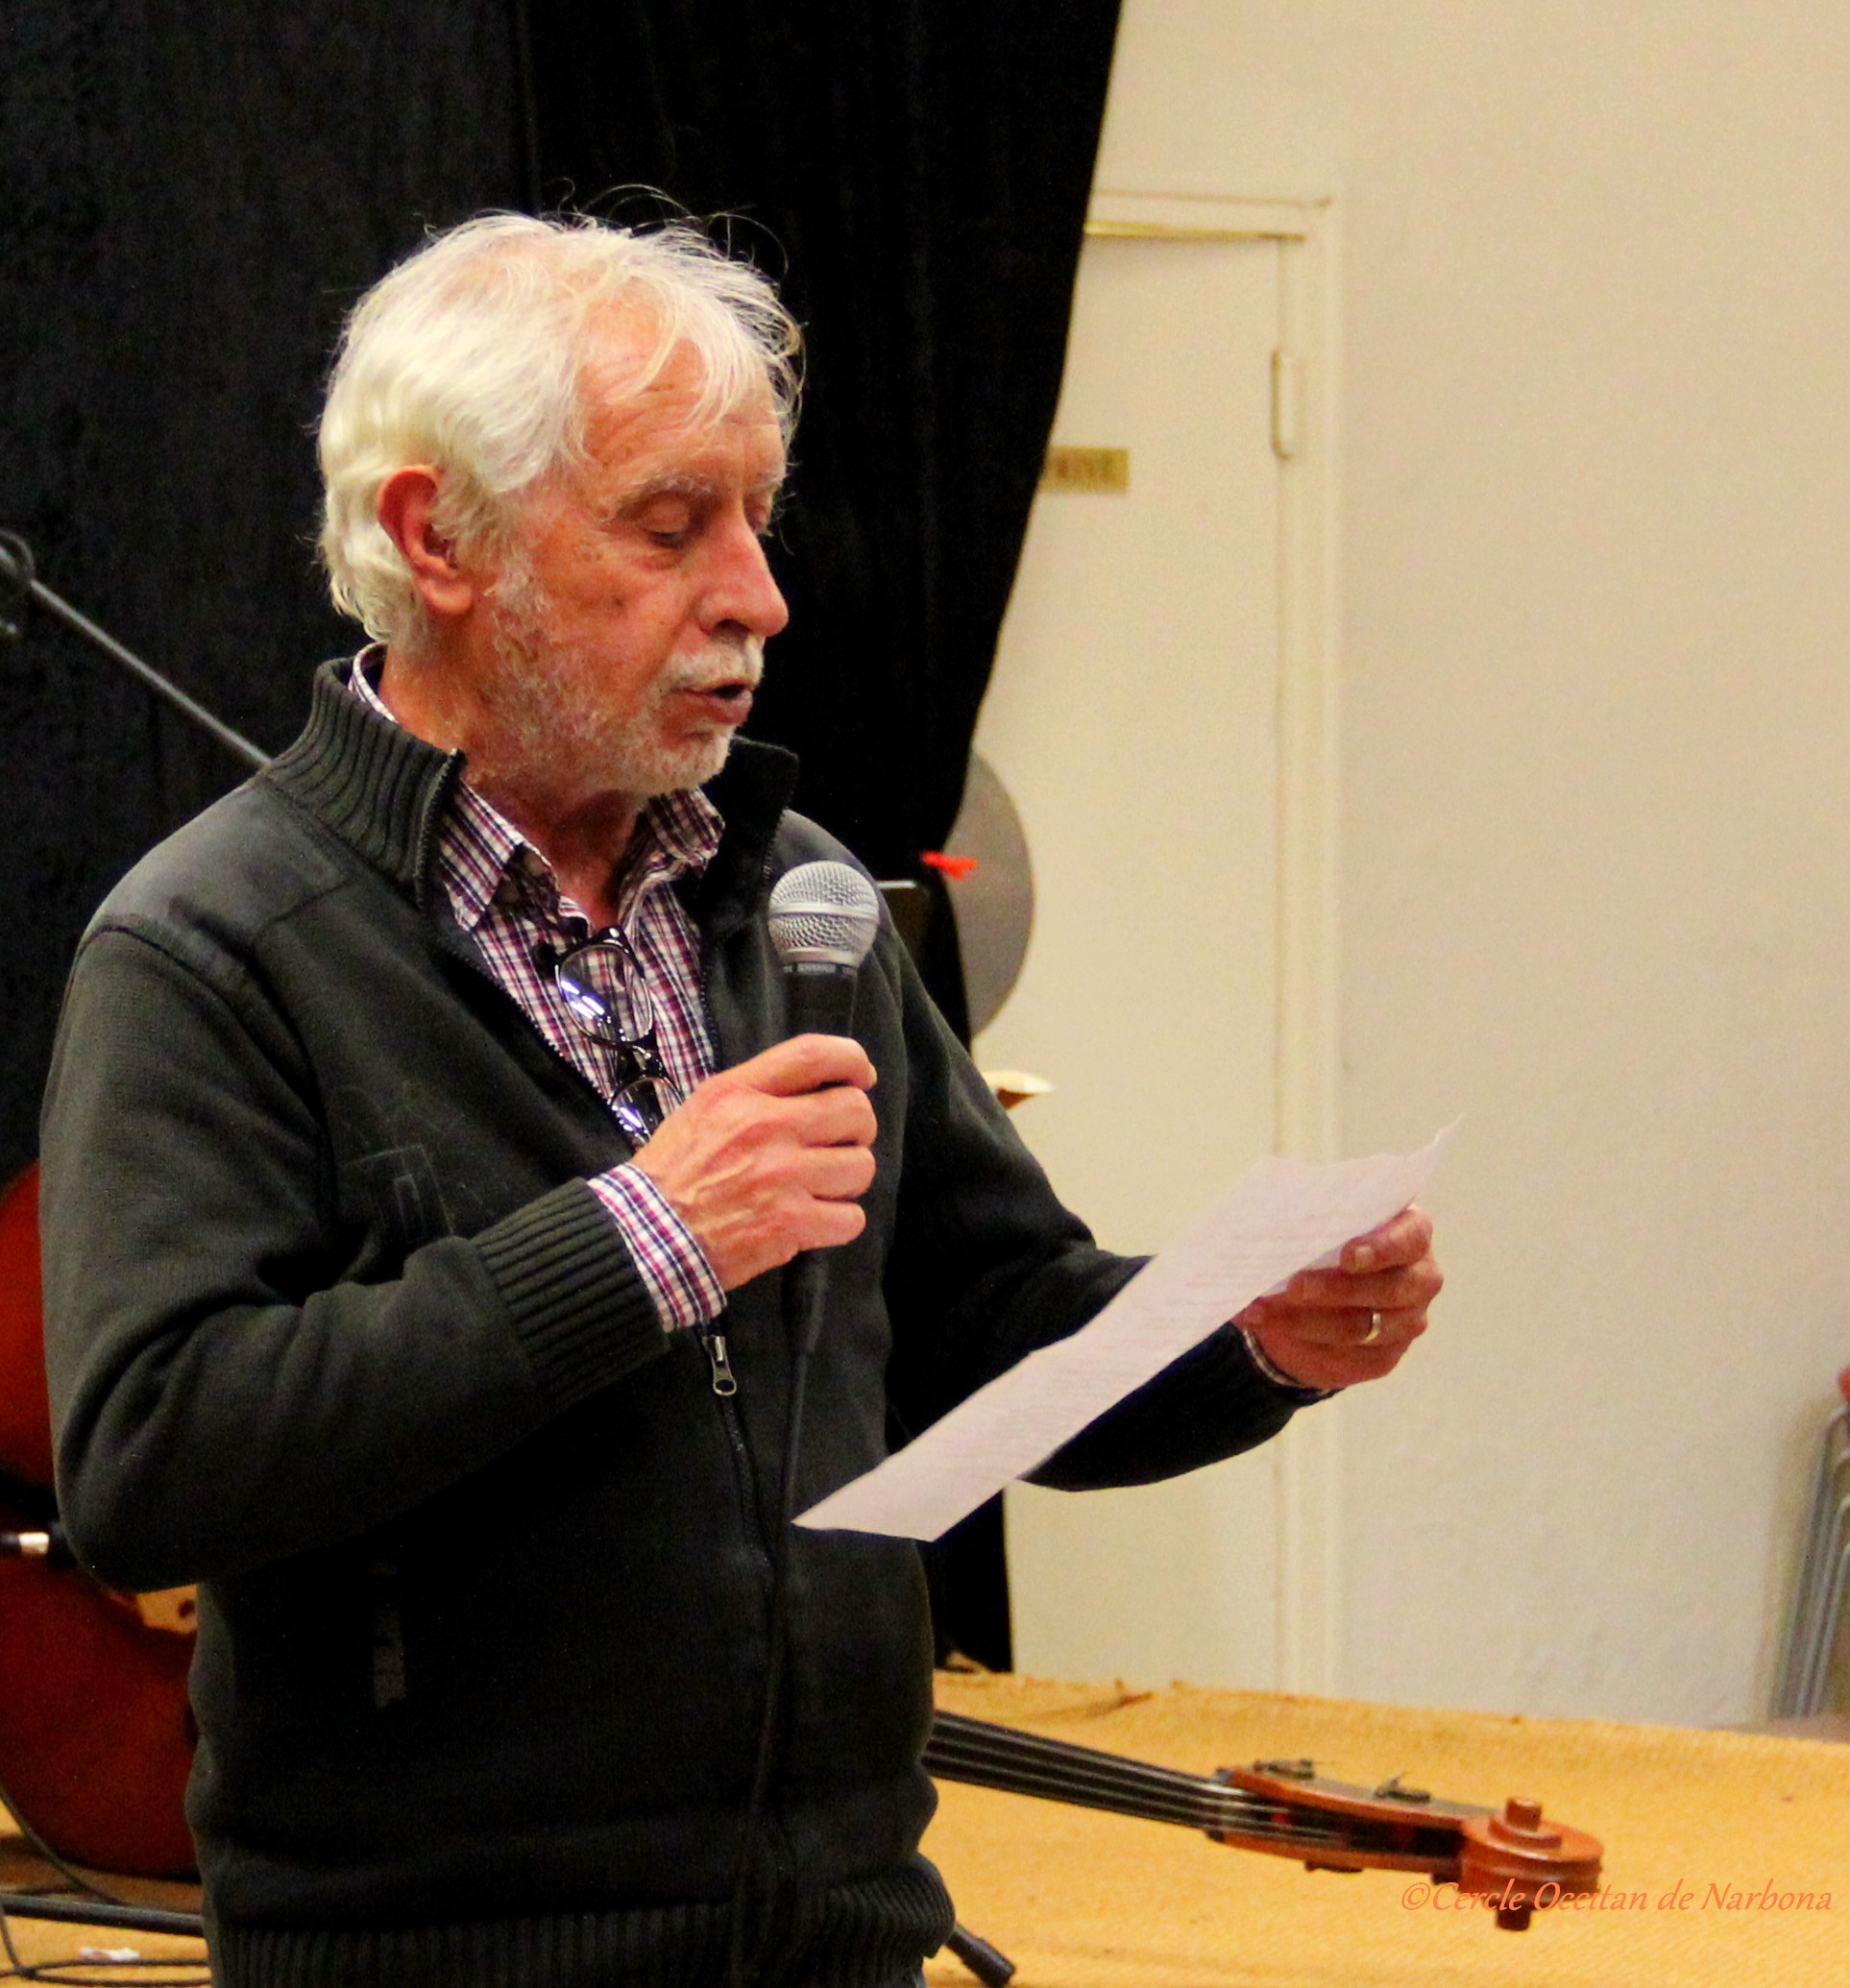 Alain Carbonnel Prsident  du Cercle